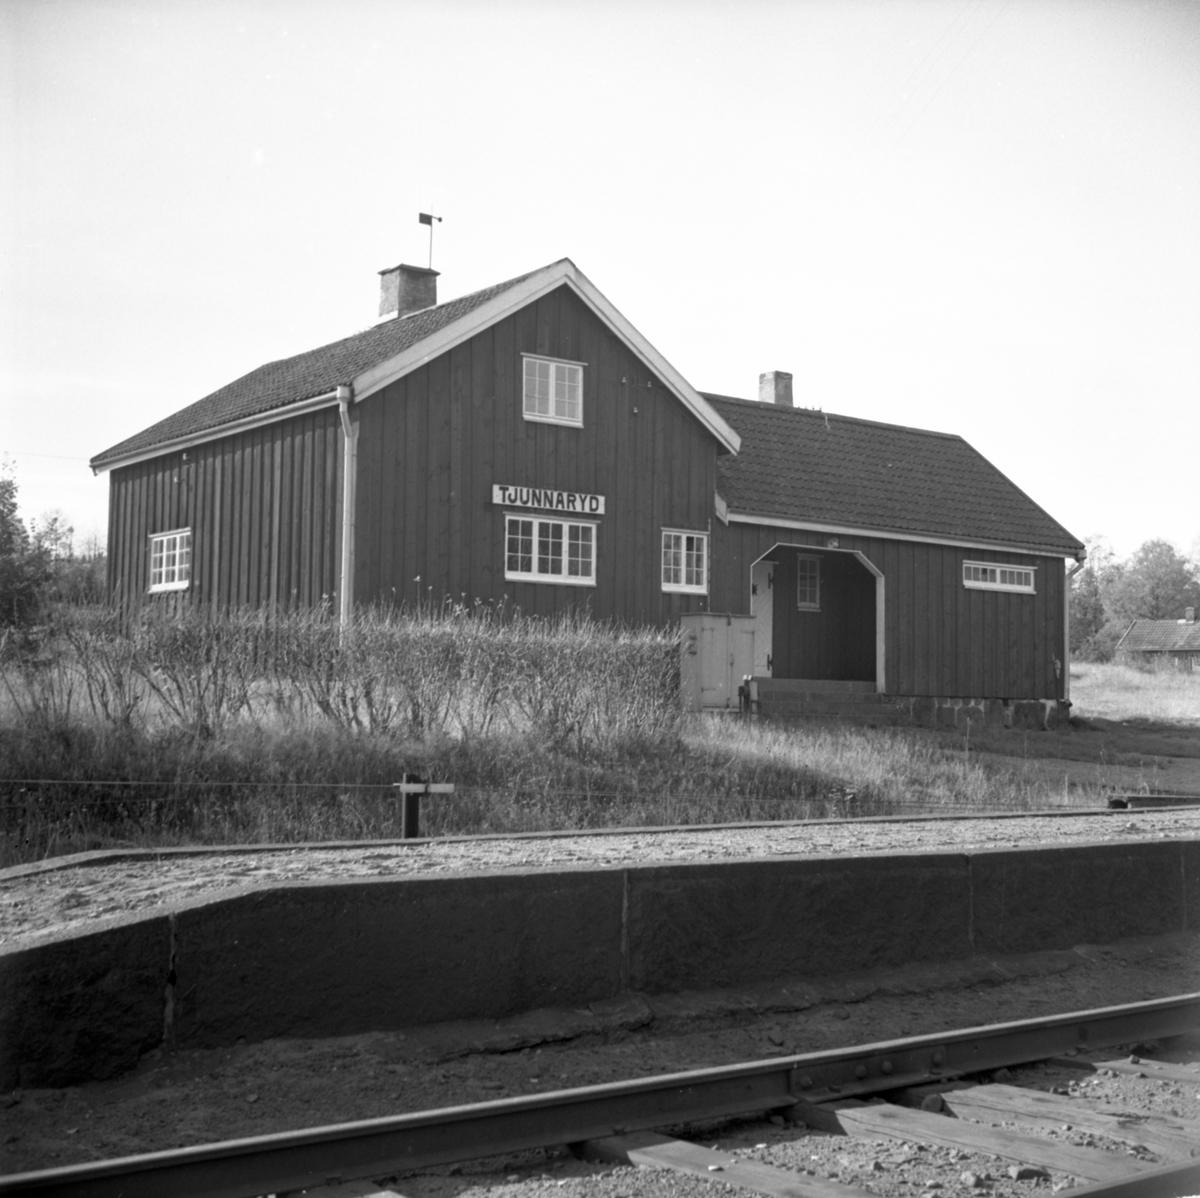 Tjunnaryd station